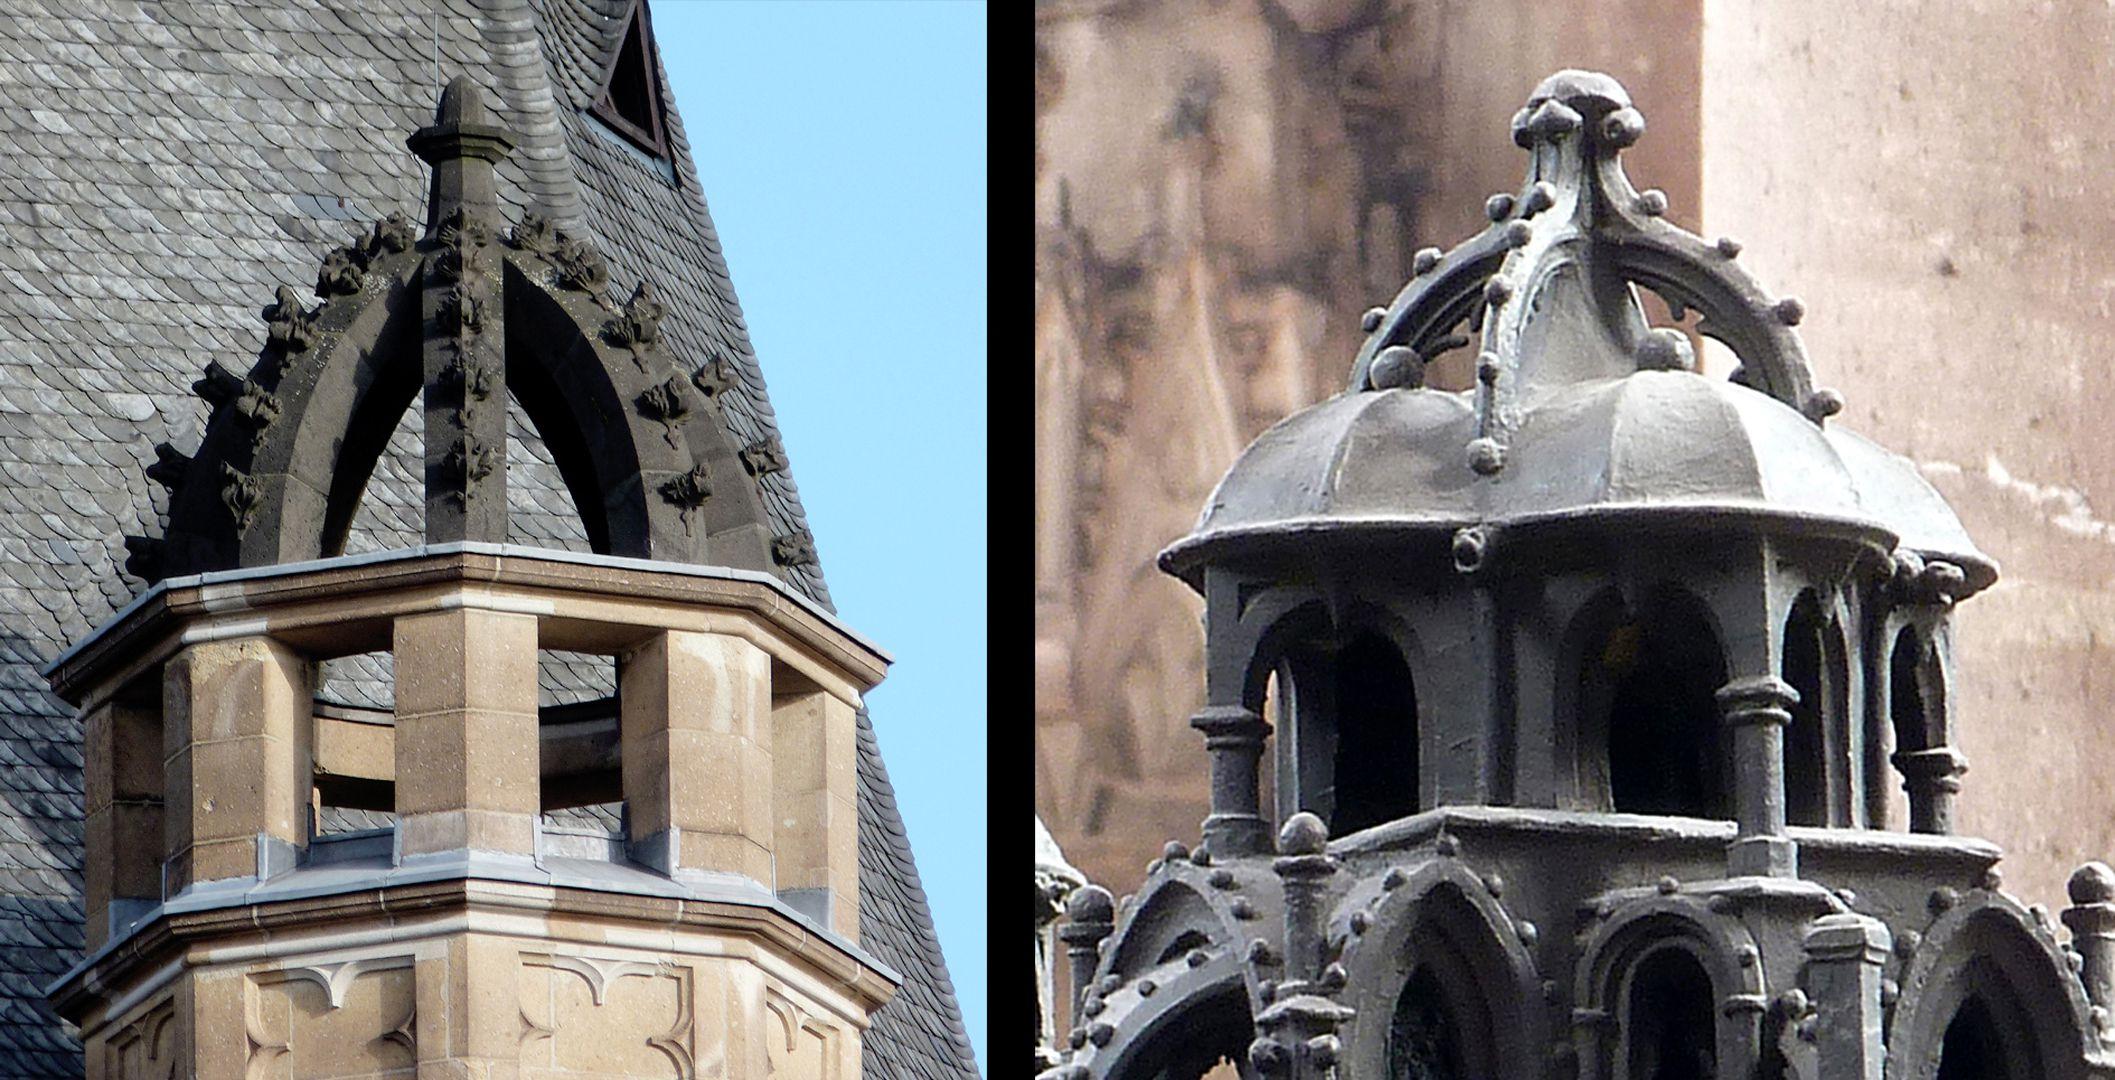 St. Sebaldus Tomb Gotisch sind die Bügelkronen mit Krabbenwerk bzw. Kugeln: links Köln, Rathaus 1407-14, rechts Sebaldusgrab.